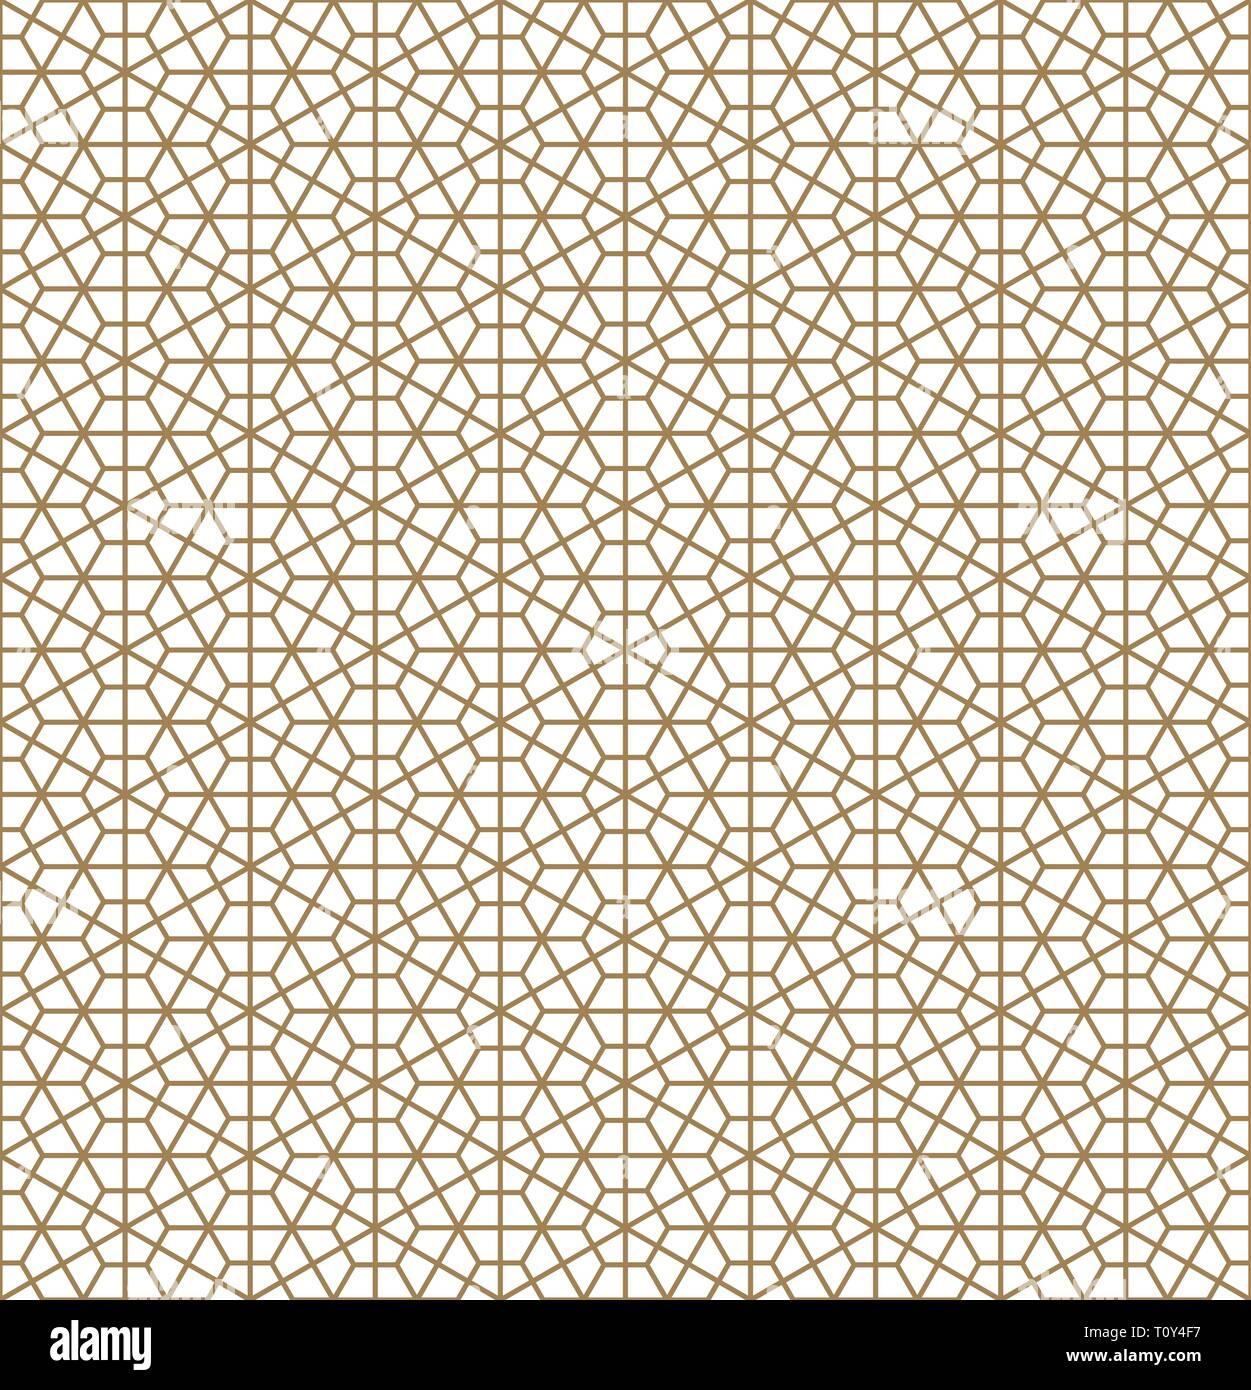 Modello senza soluzione di continuità sulla base di ornamento giapponese Kumiko.colore oro.medie linee di spessore Immagini Stock